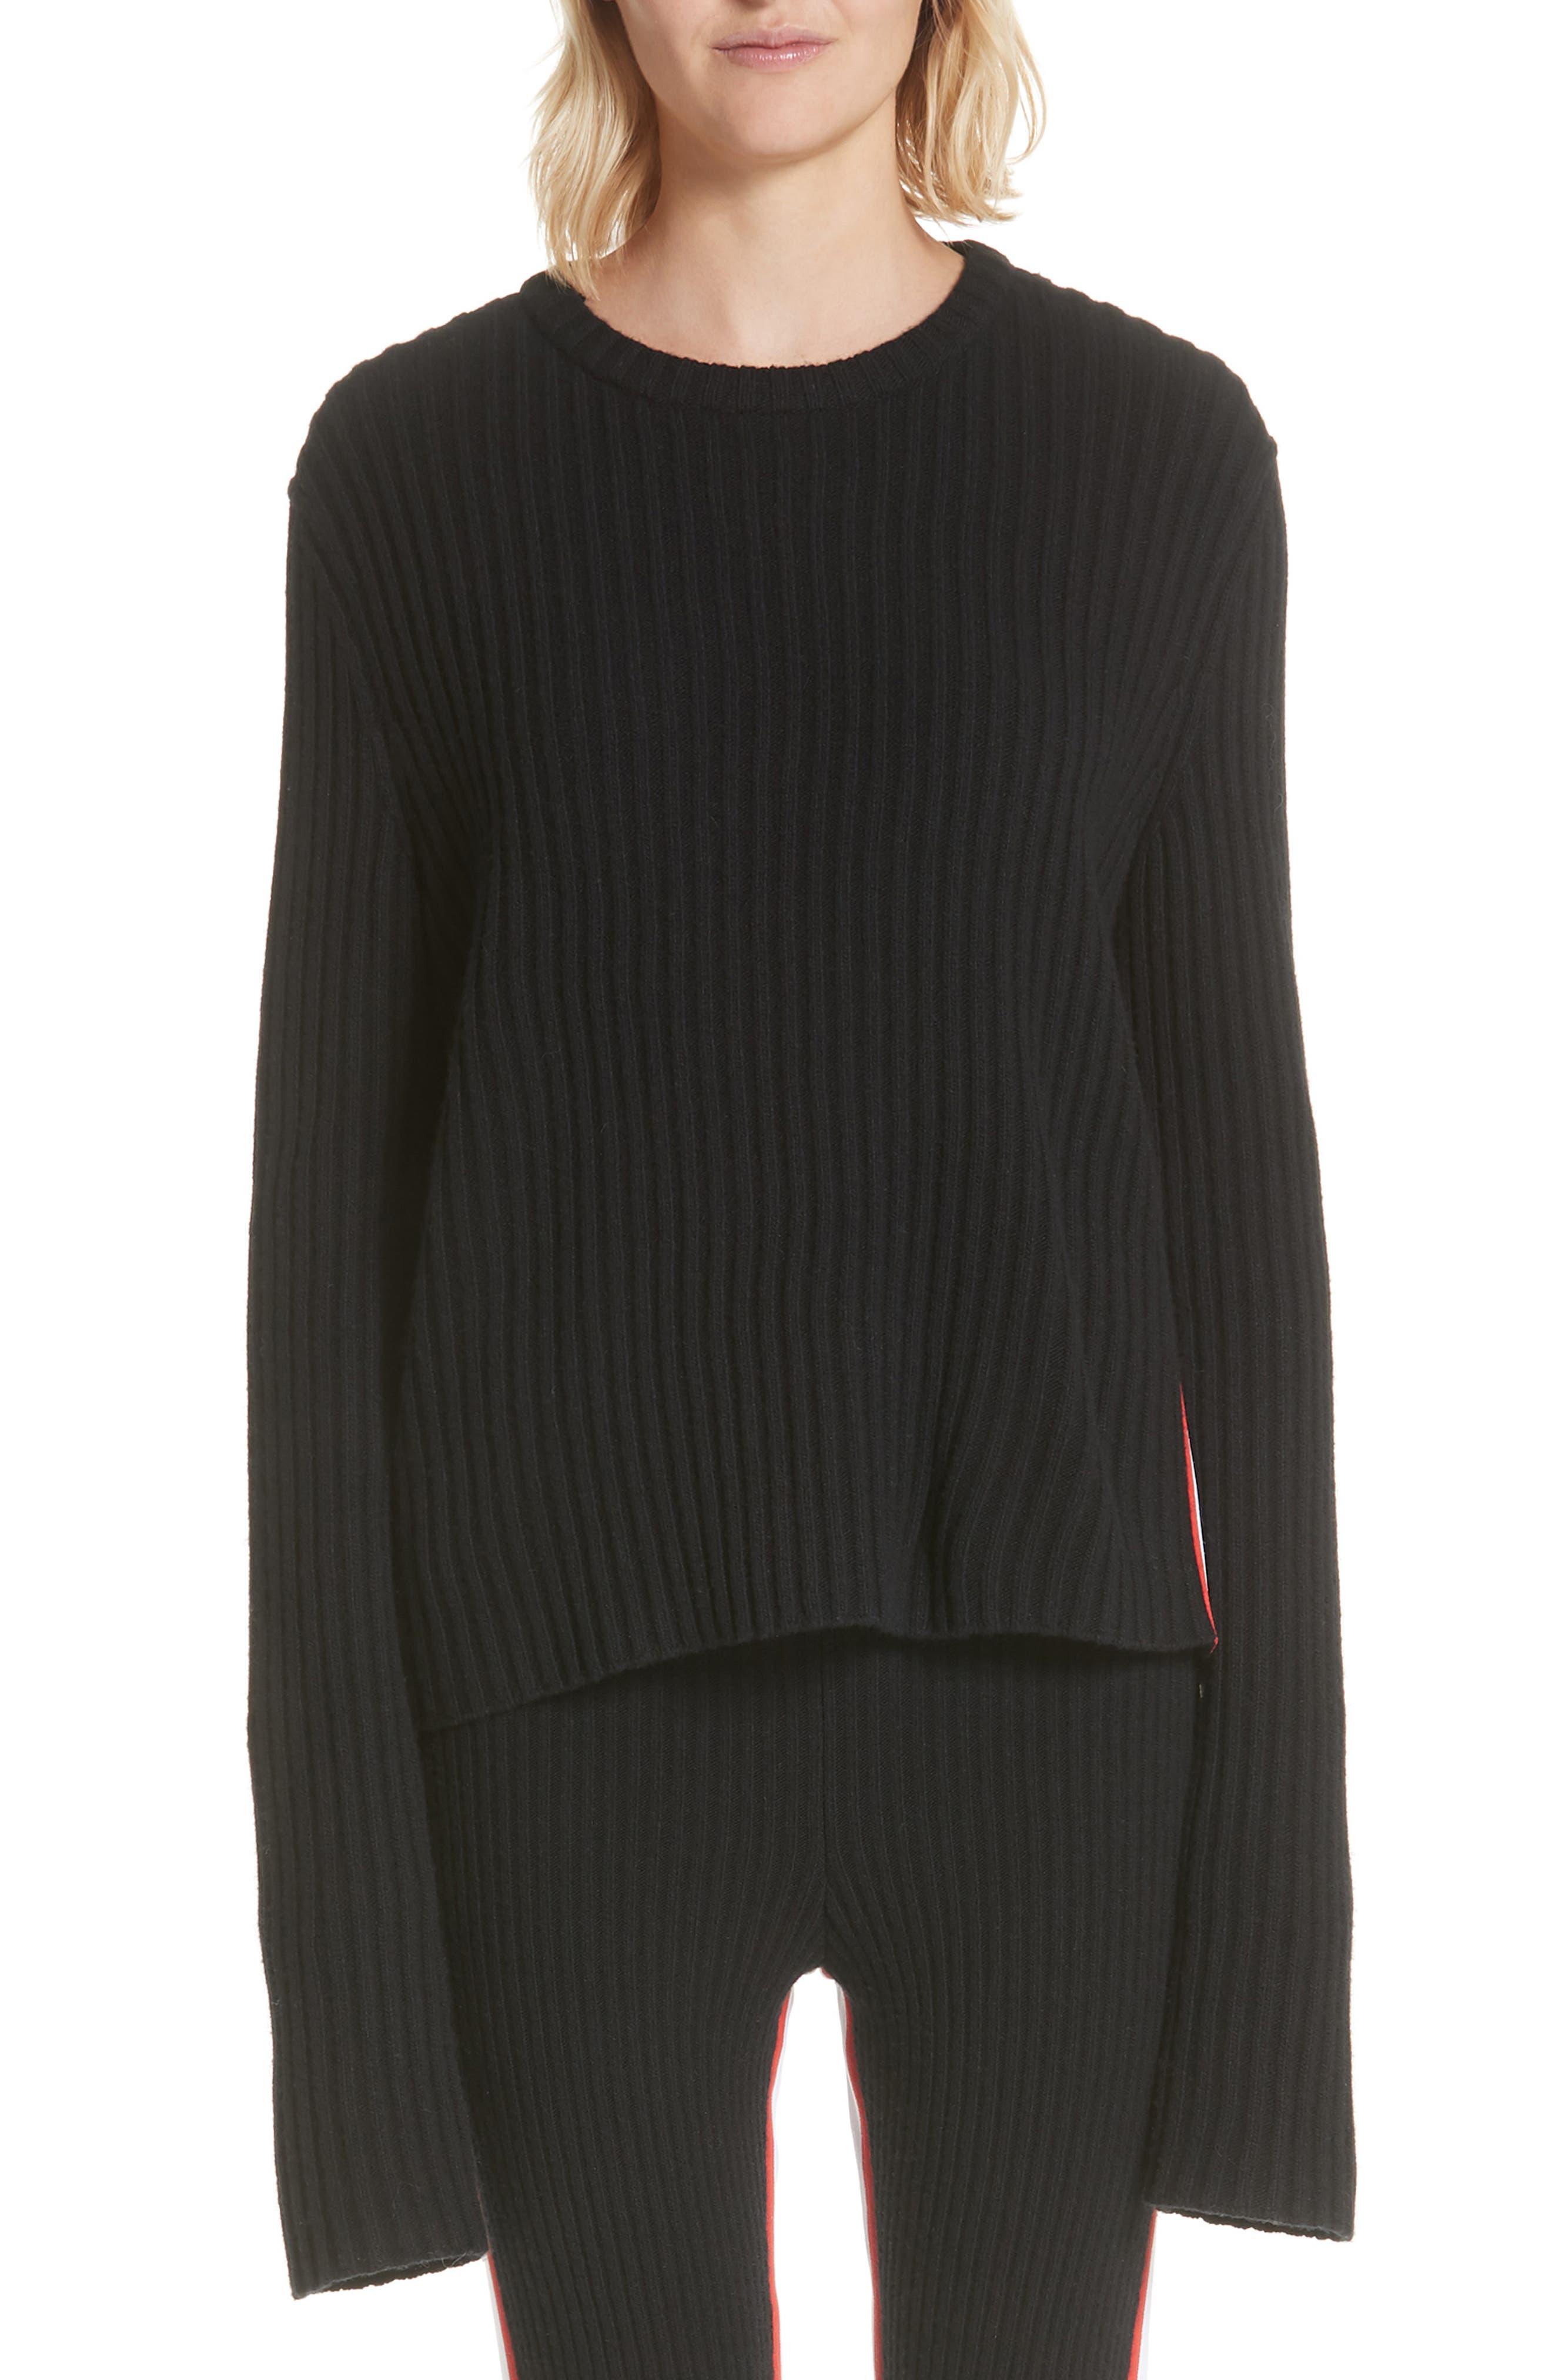 Calvin Klein 205W39Nyc Side Stripe Wool Blend Sweater, Black